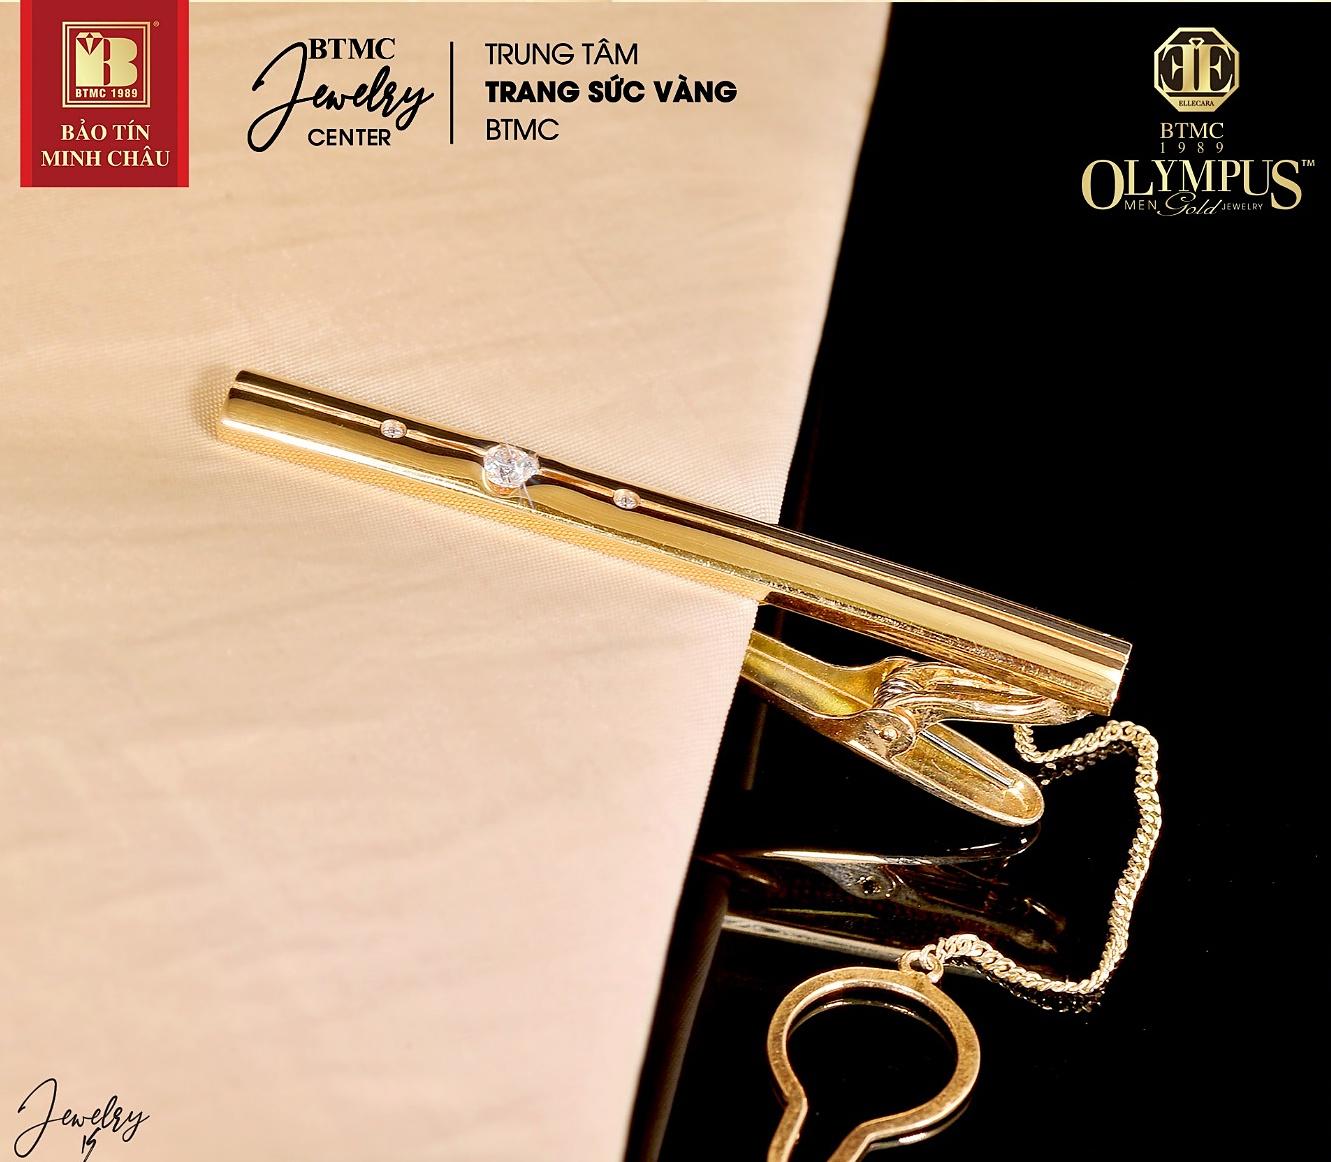 Kẹp Cavat vàng 18k– điểm nhấn sang trọng nâng tầm phong cách cho quý ông.